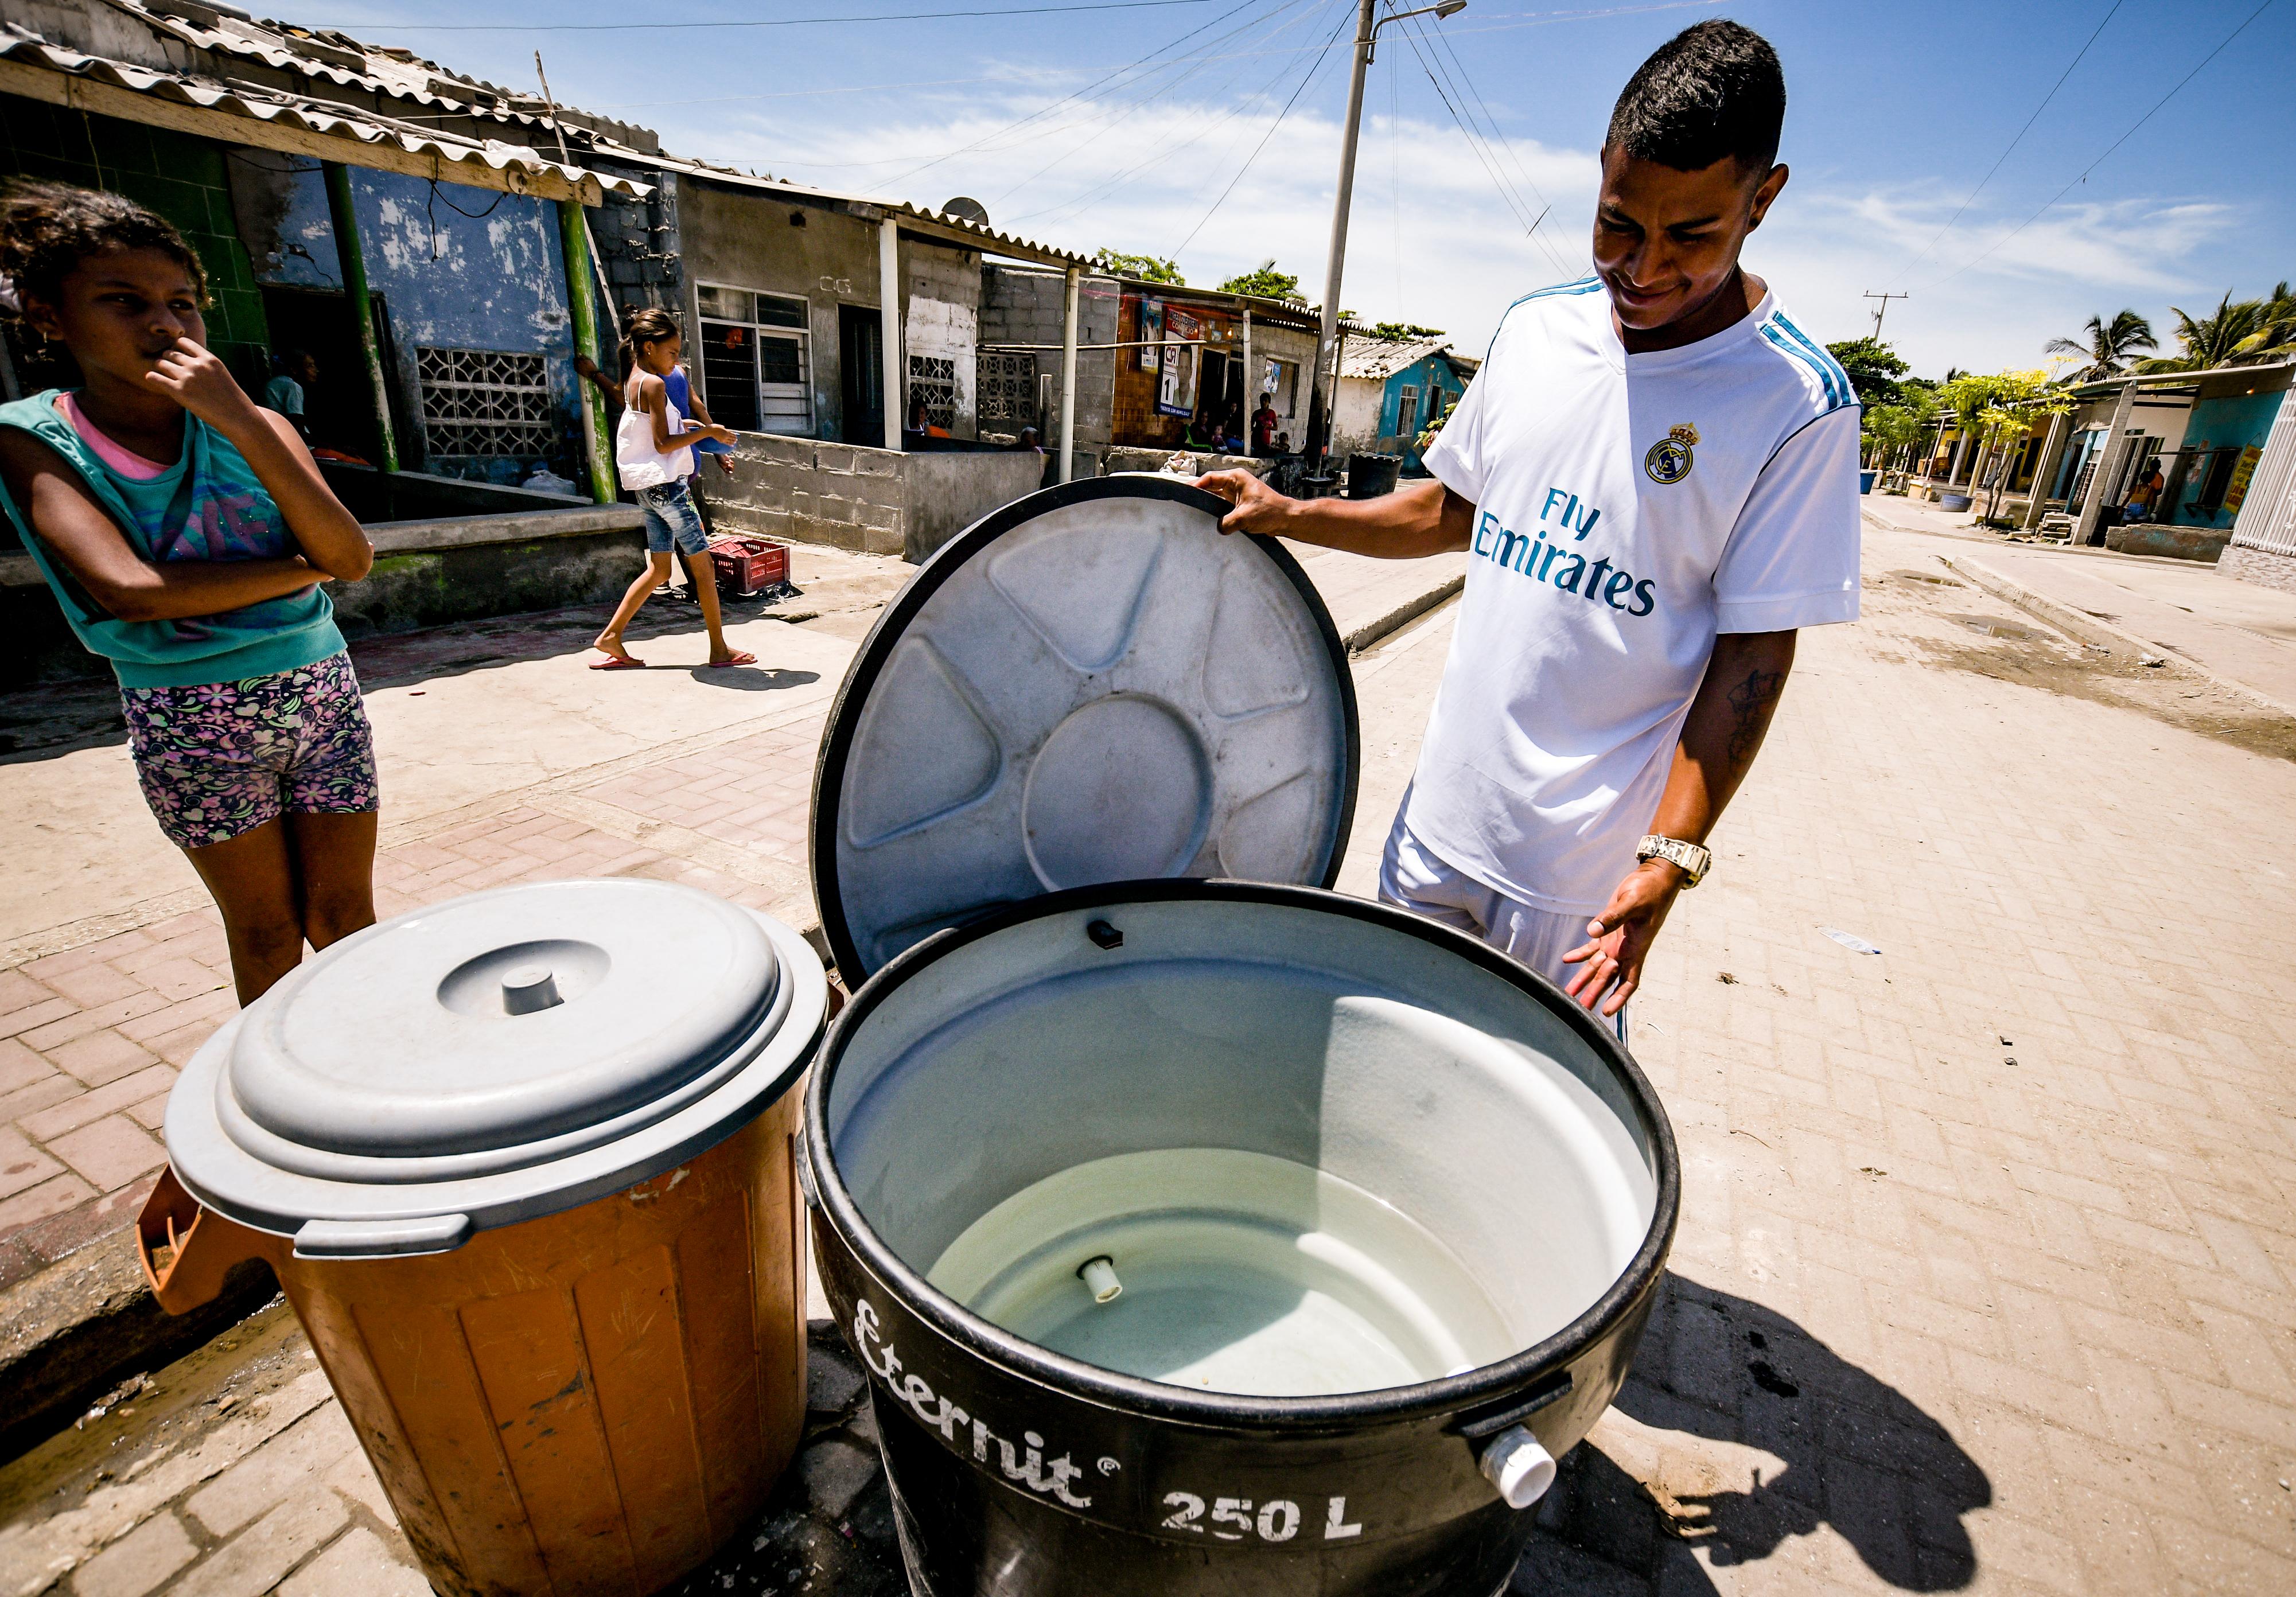 Un habitante del barrio La Gloria revisa el tanque de agua que acaba de comprar.